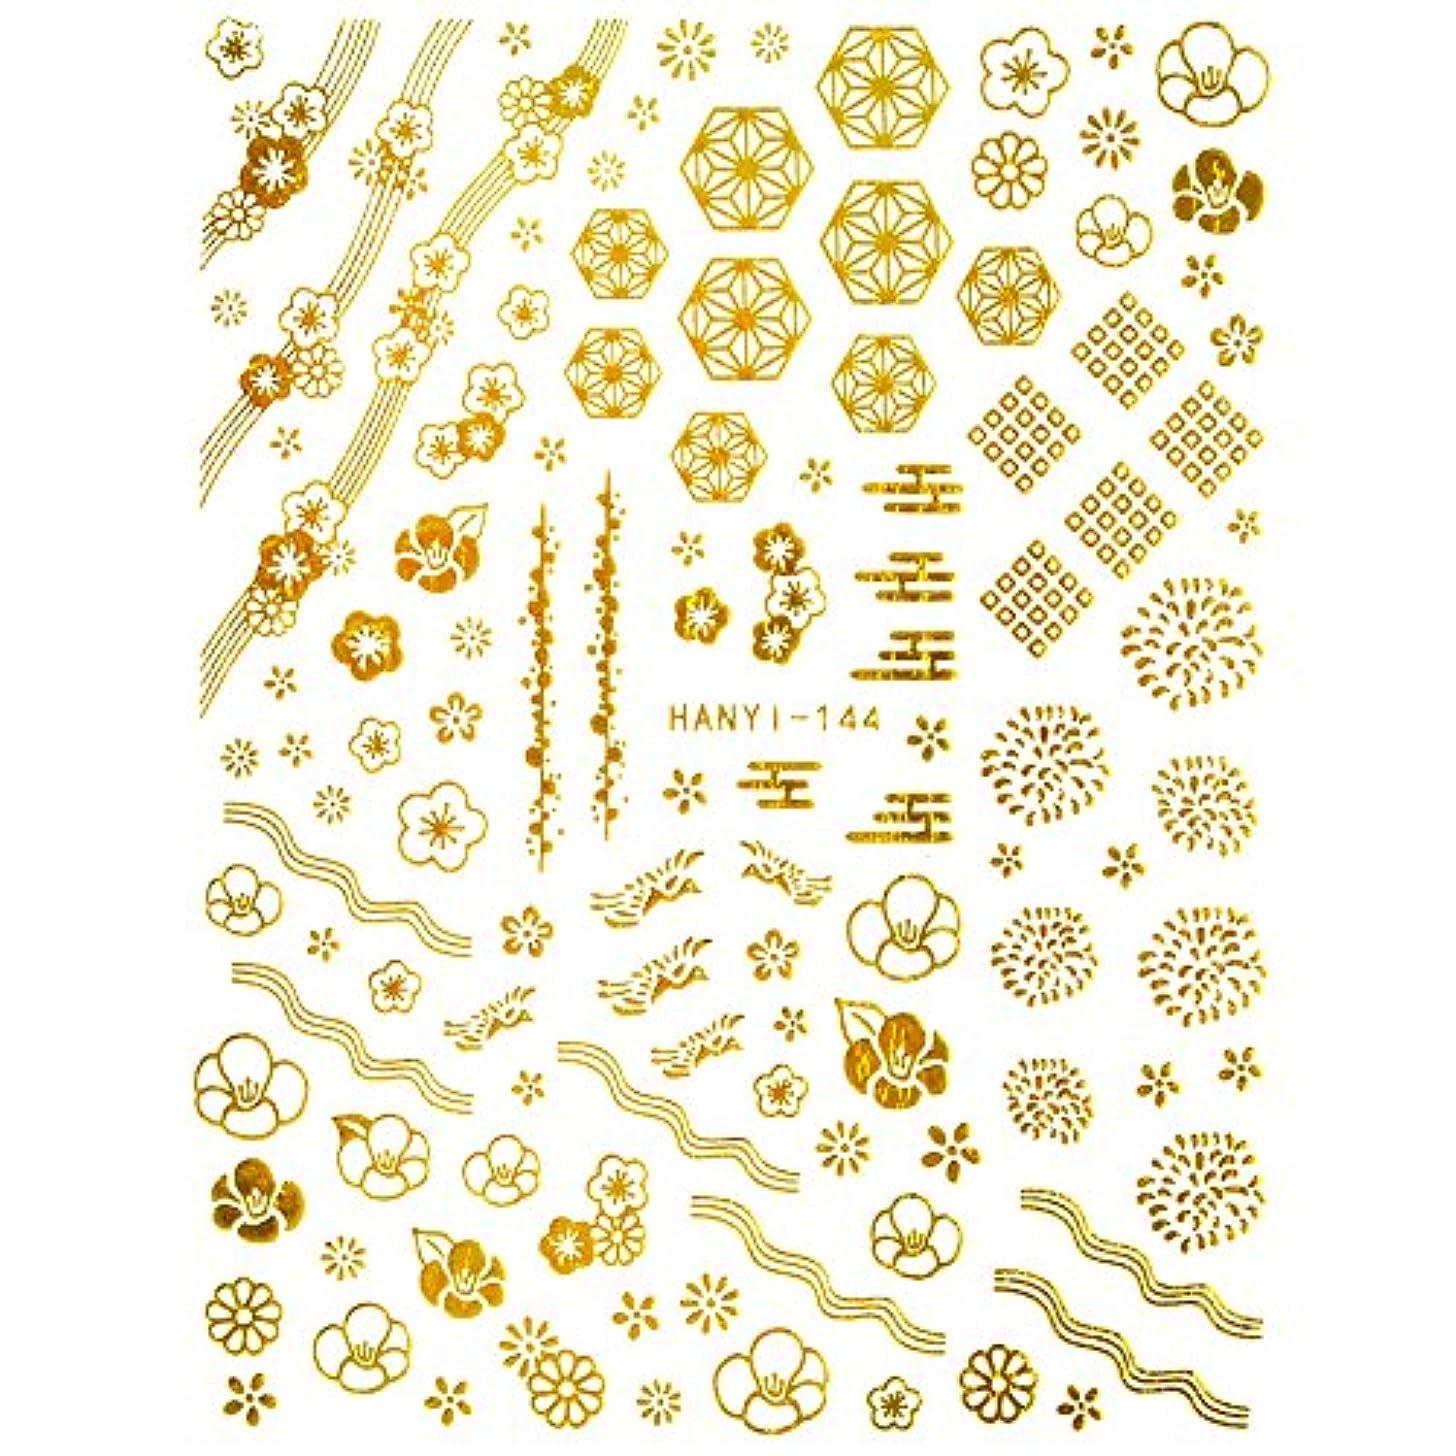 リテラシー酔って一族【HANYI-144】金和花 ネイルシール 箔和柄 和柄 フラワー 花 金箔 お正月 成人式 和風